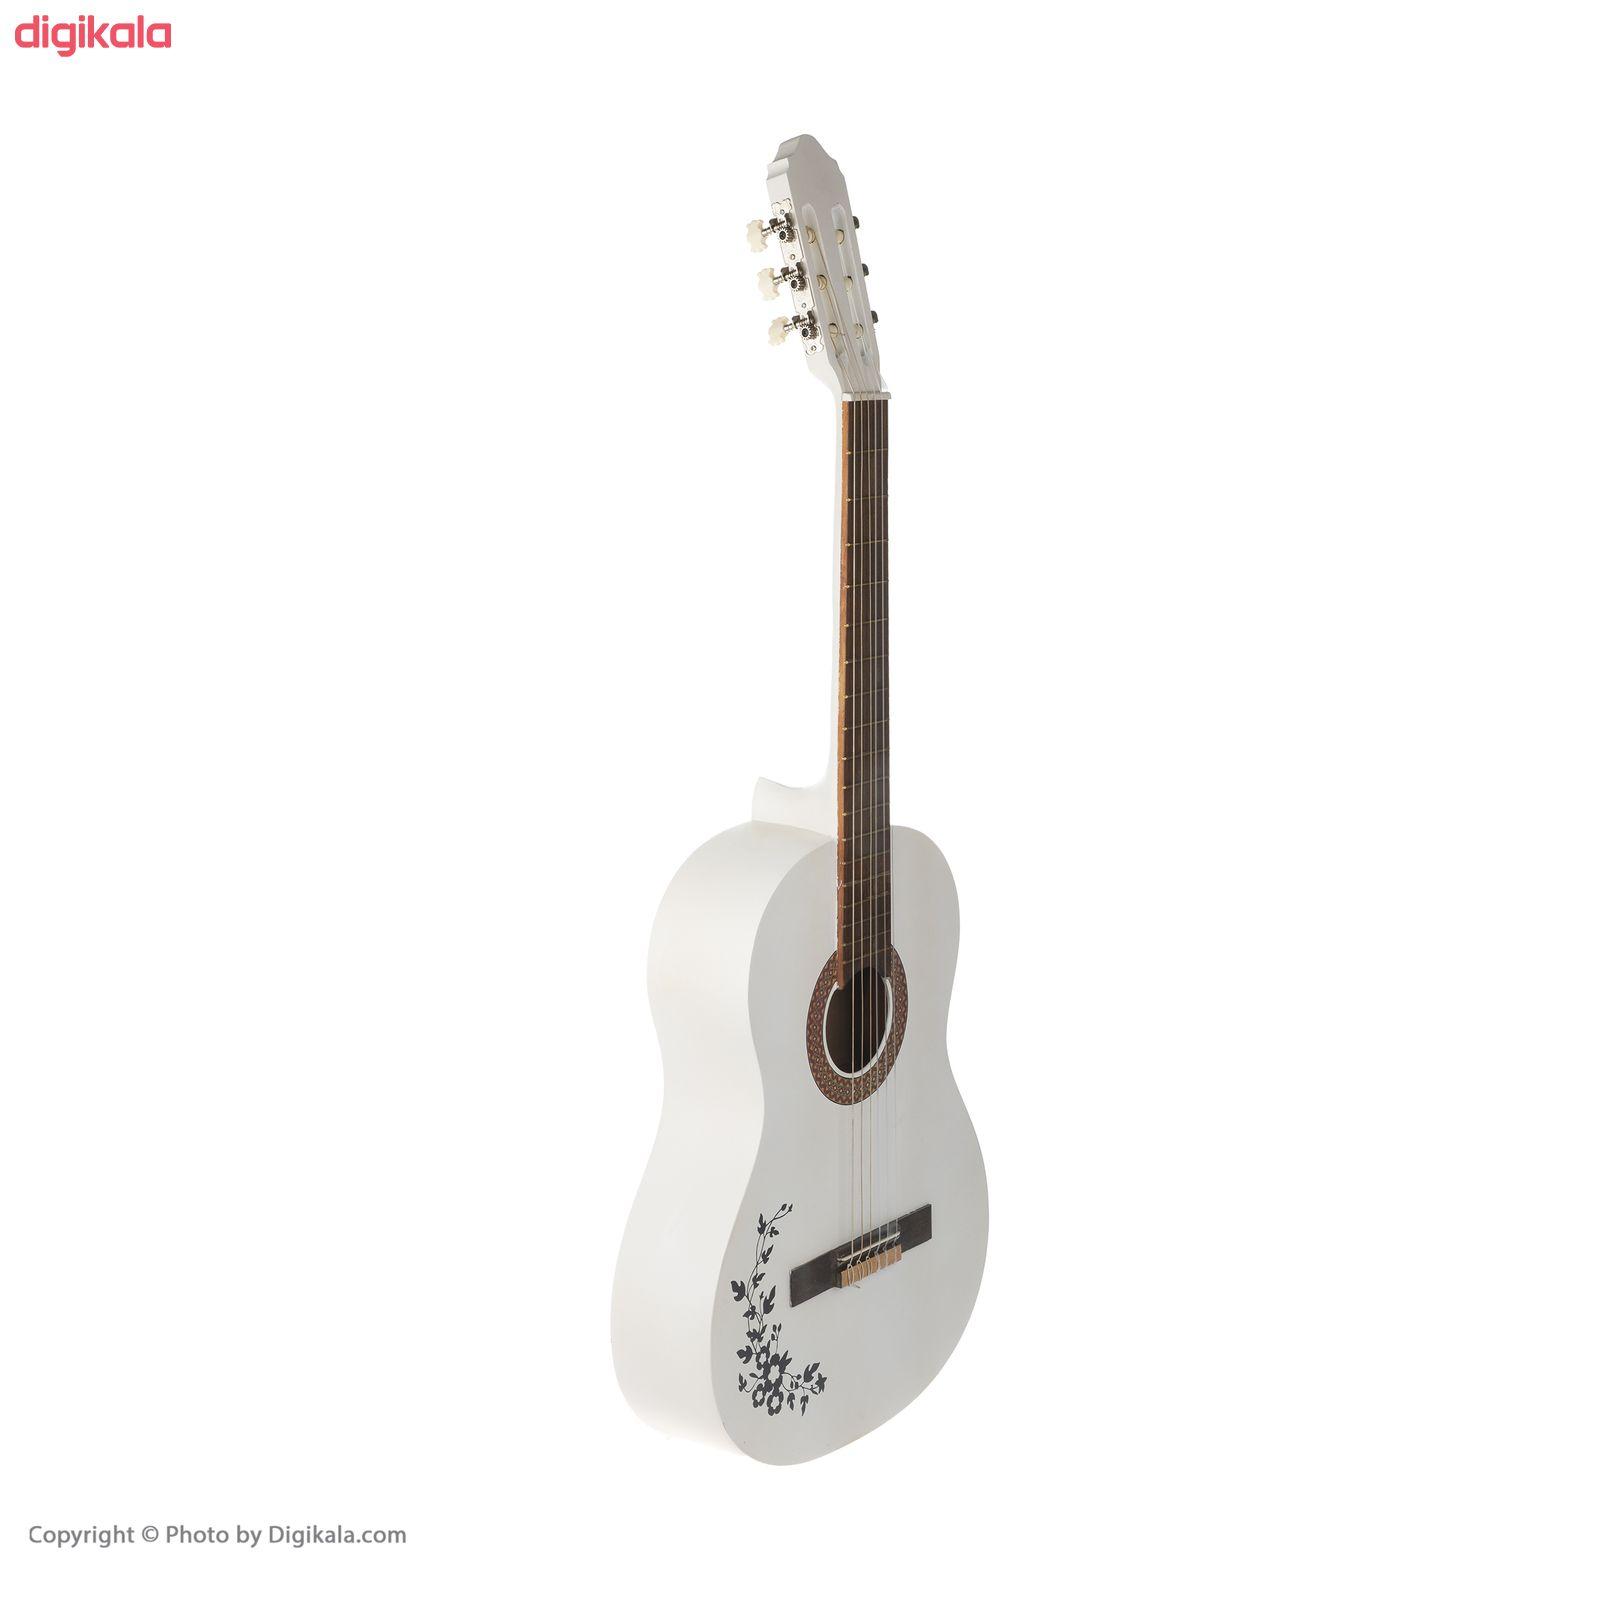 گیتار کلاسیک رویال کد 08 main 1 2